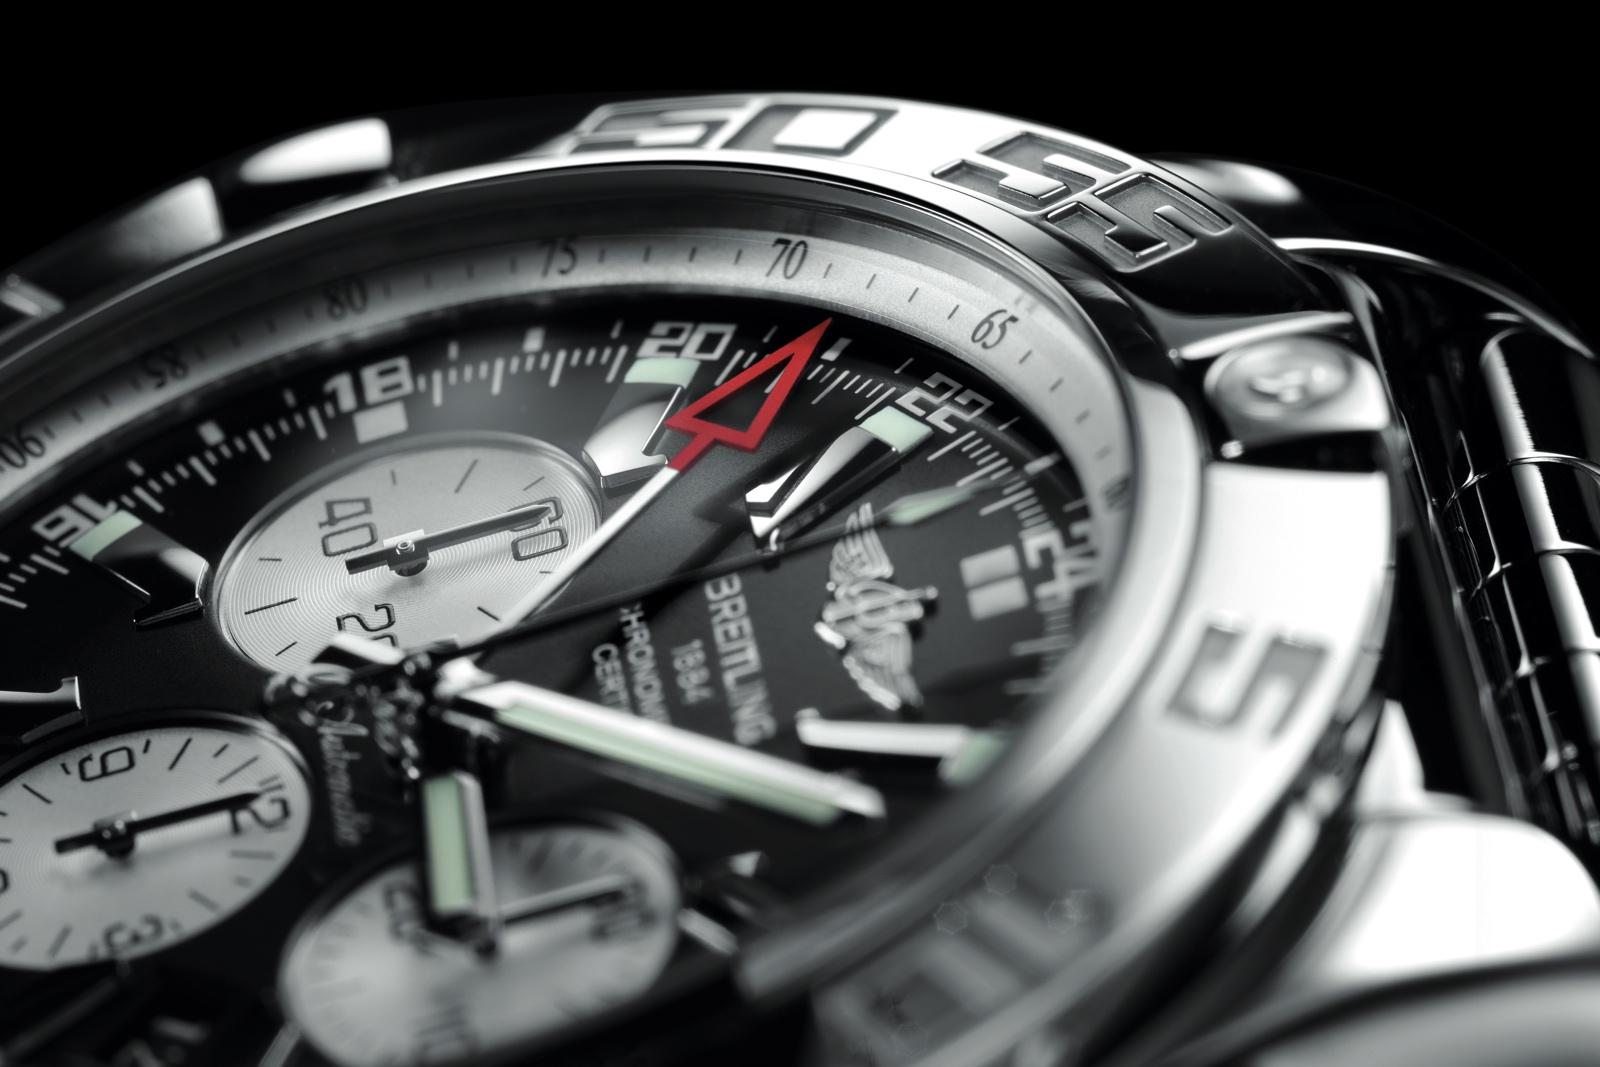 Breitling Chronomat GMT dial